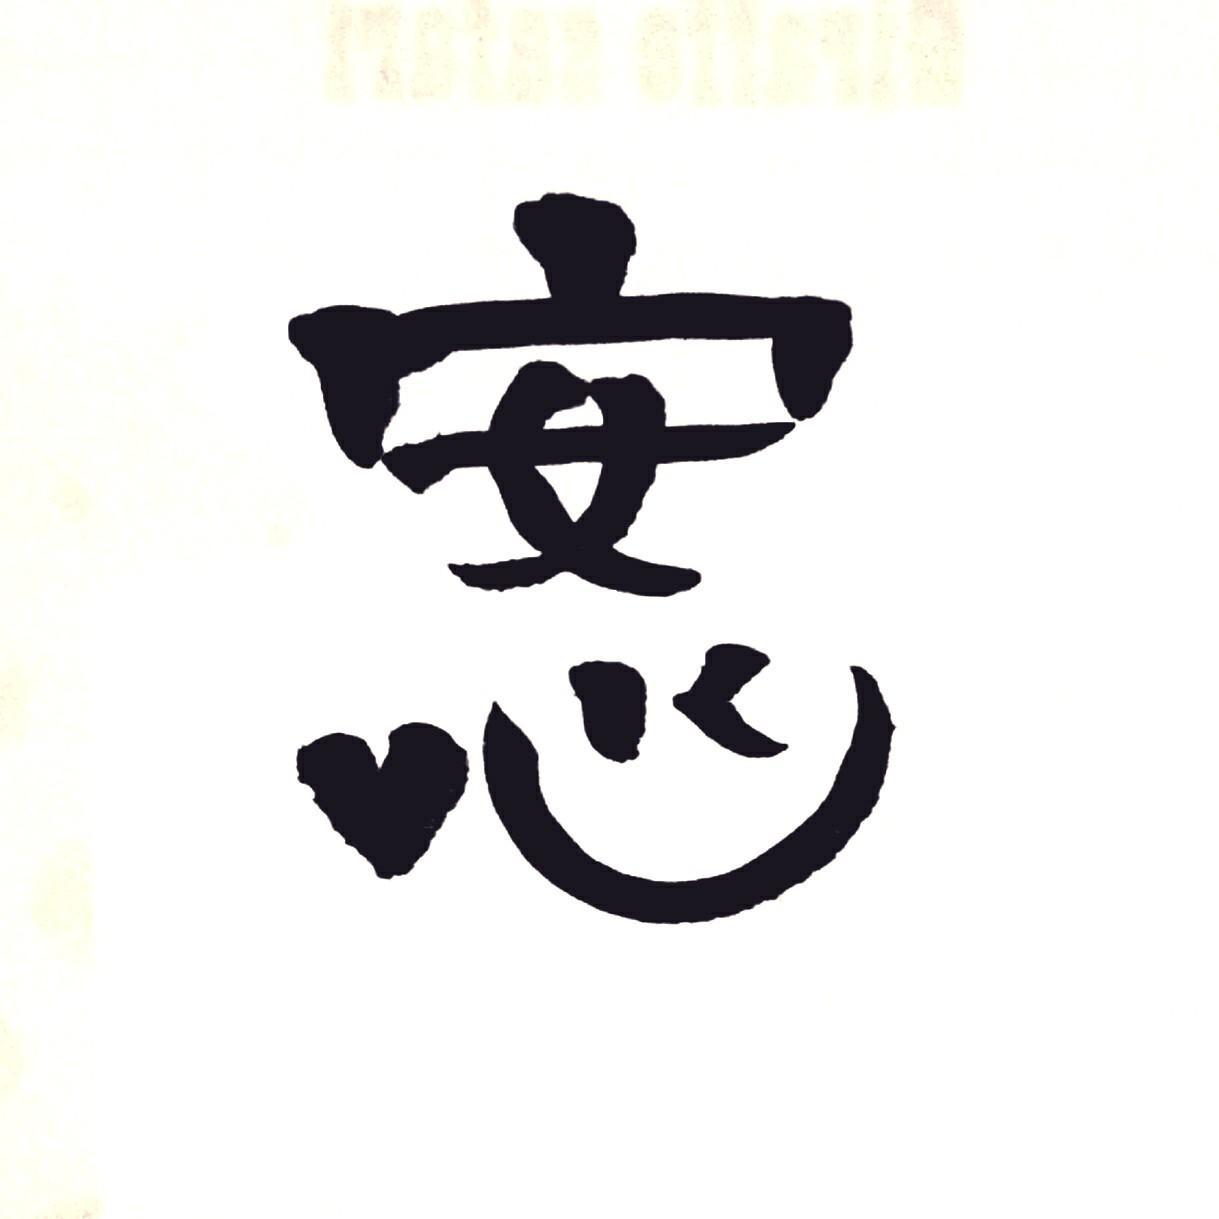 ご希望にあわせて筆文字を書きます 名刺や看板などかっこいい筆文字が必要となったときに!